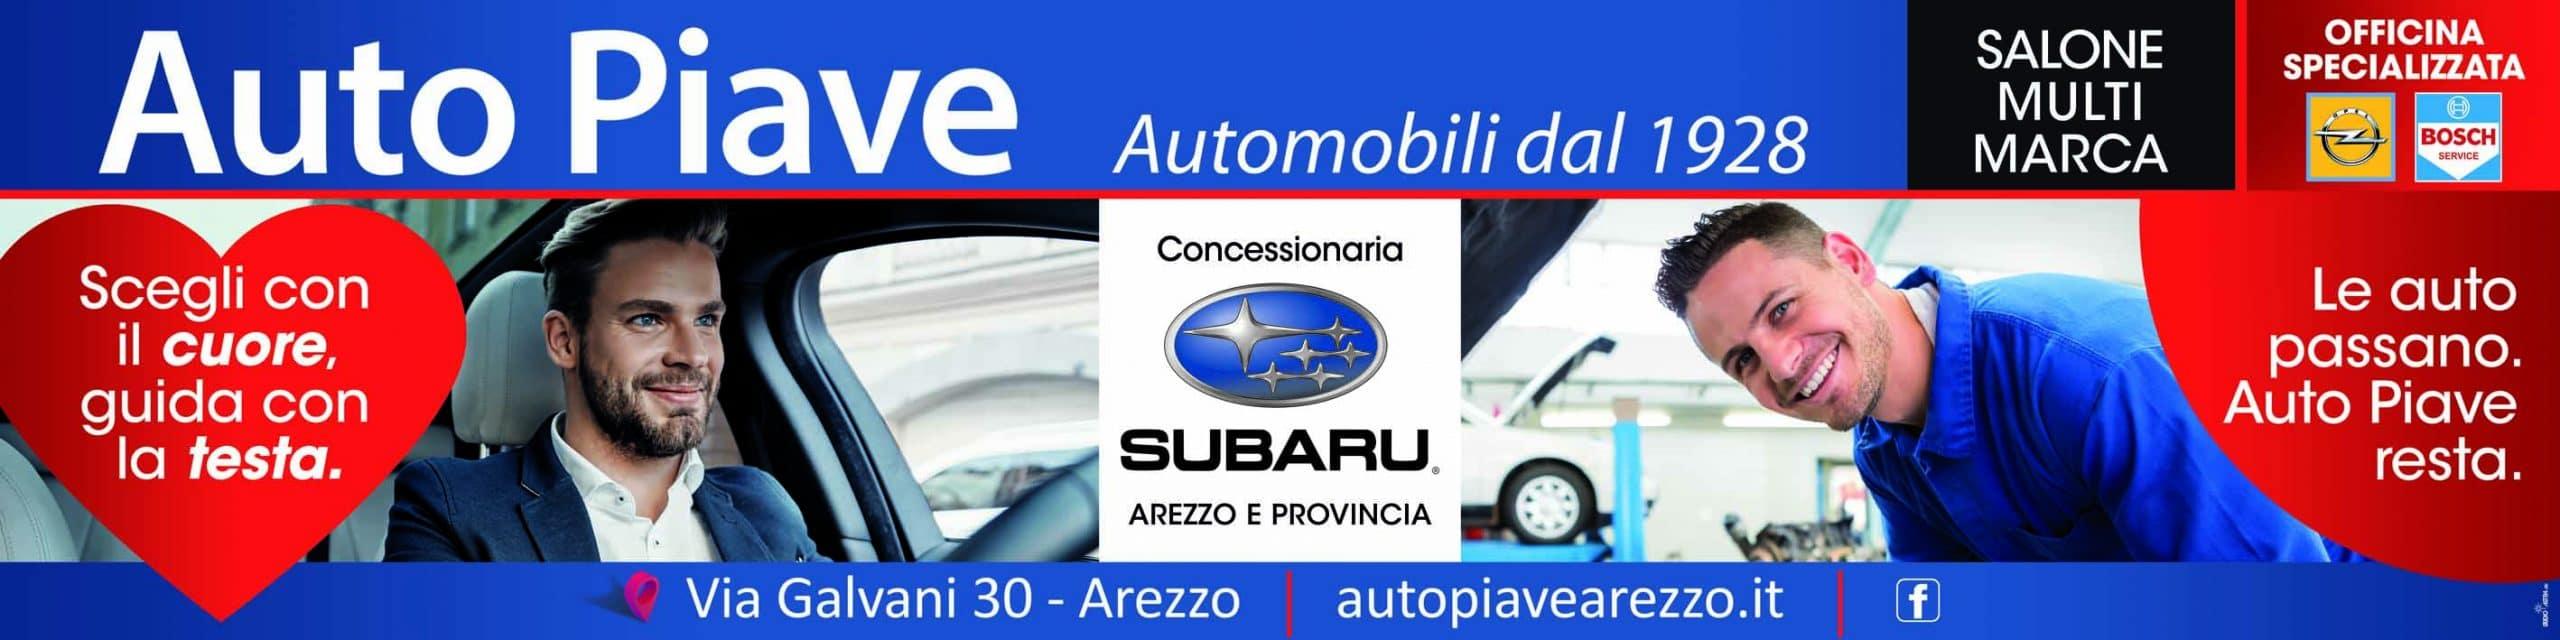 AUTOPIAVE_striscioneOlmoPonte_400x100